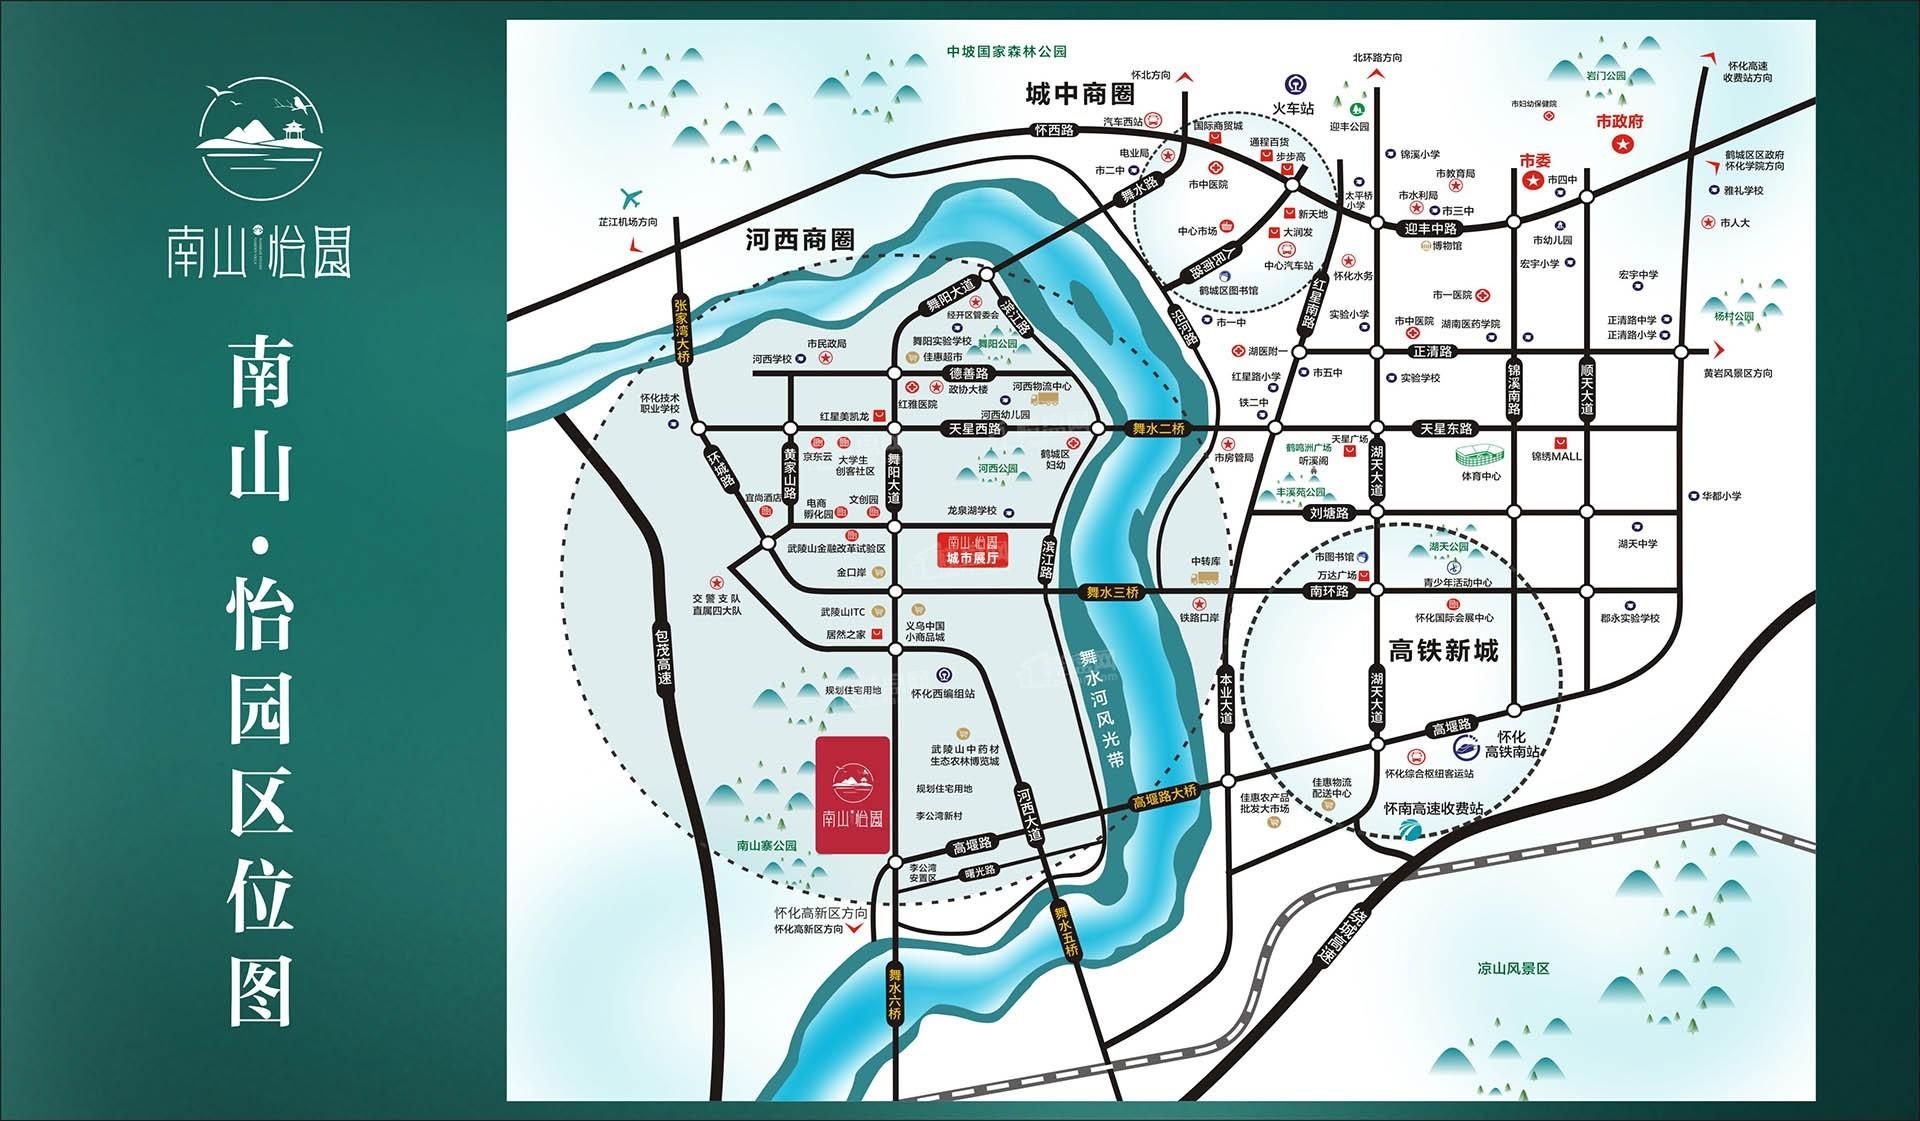 南山怡园位置图